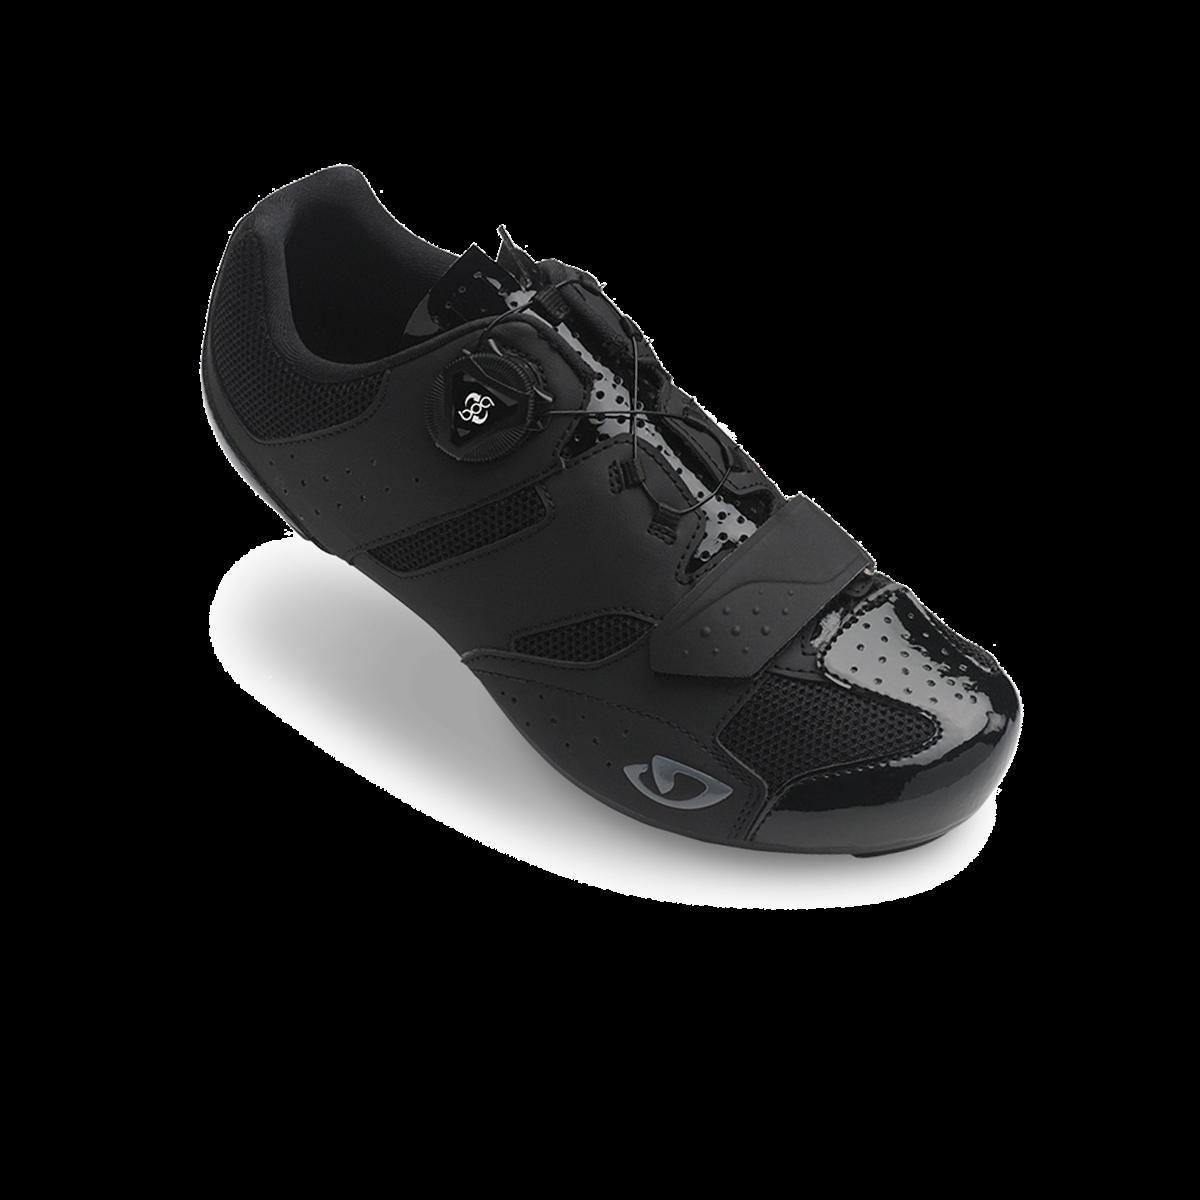 Giro Giro Savix HV+ Road Cycling Shoes Black 2020 - Wide Fit